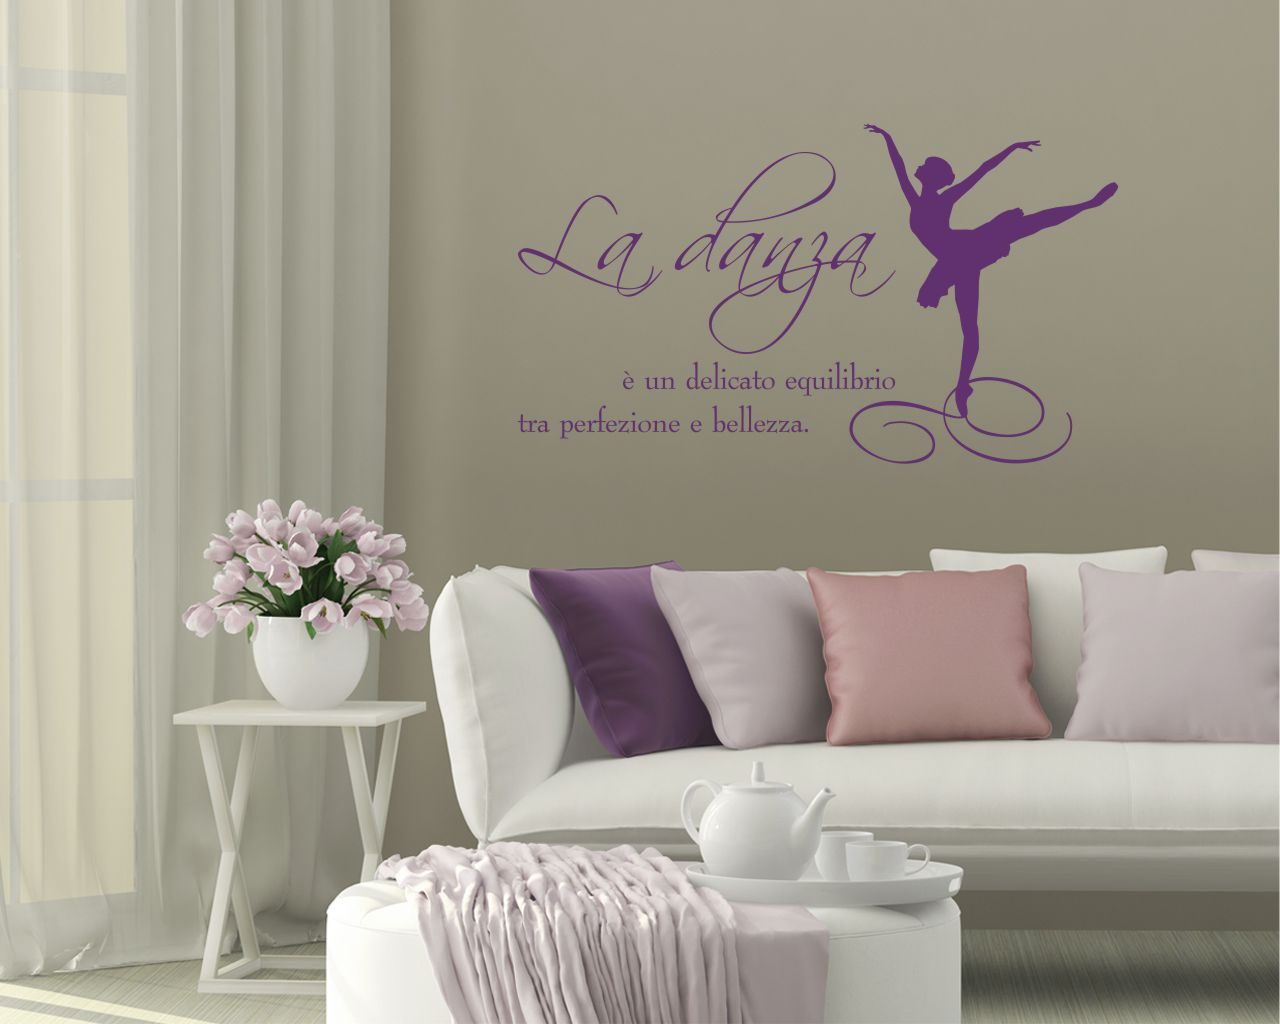 Un delicato equilibrio danza adesivo murale for Brico adesivi pareti